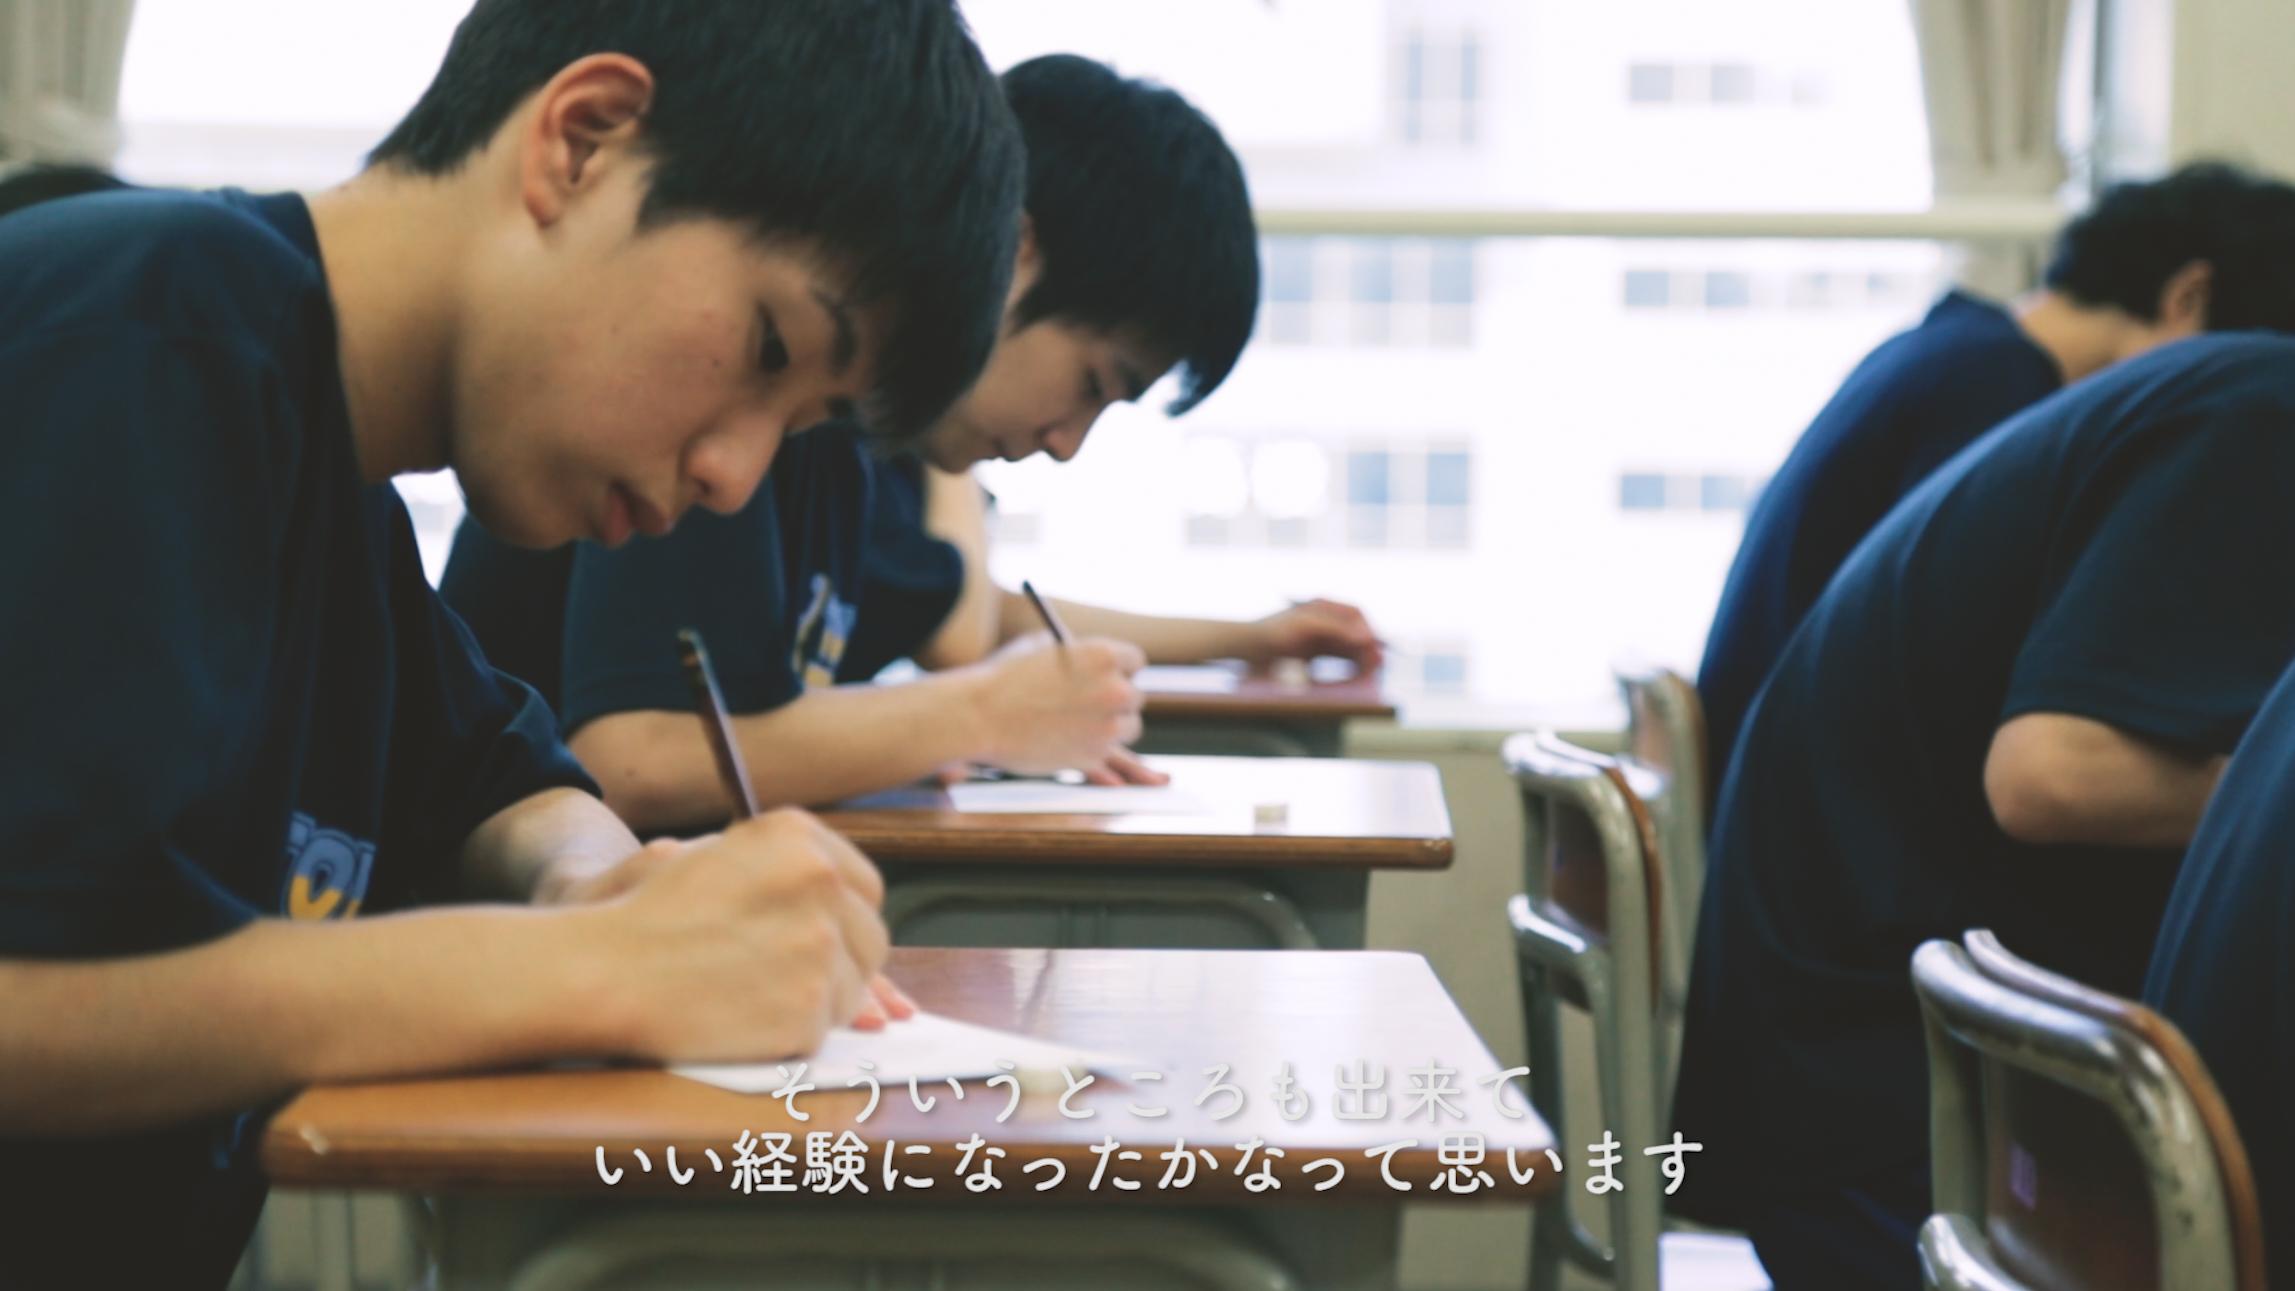 sofran_movie_dc_cap_50.jpg